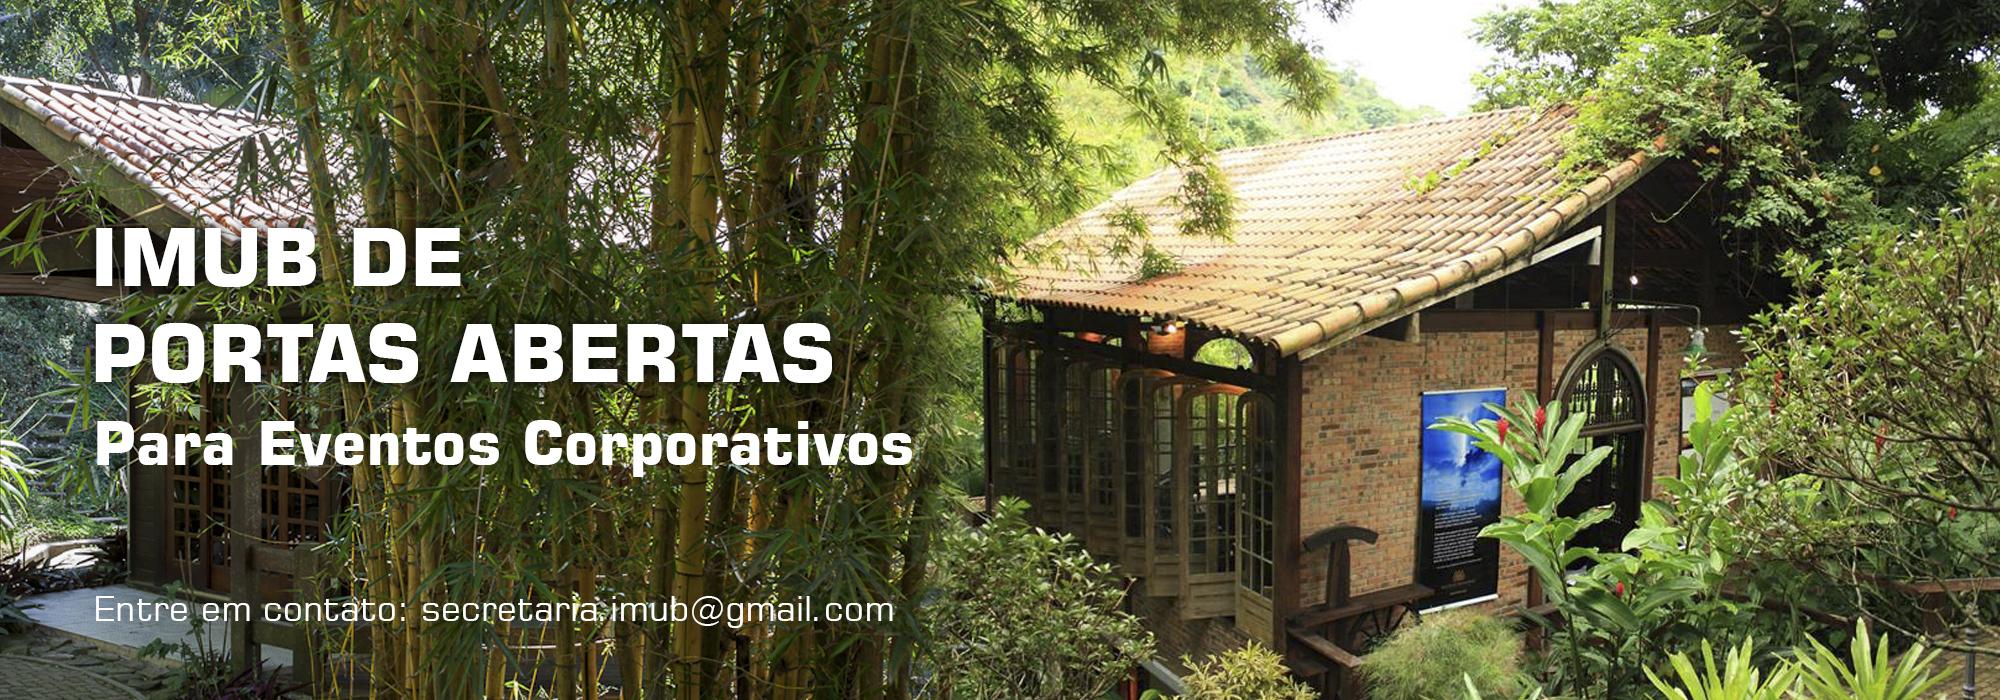 IMUB DE PORTAS ABERTAS